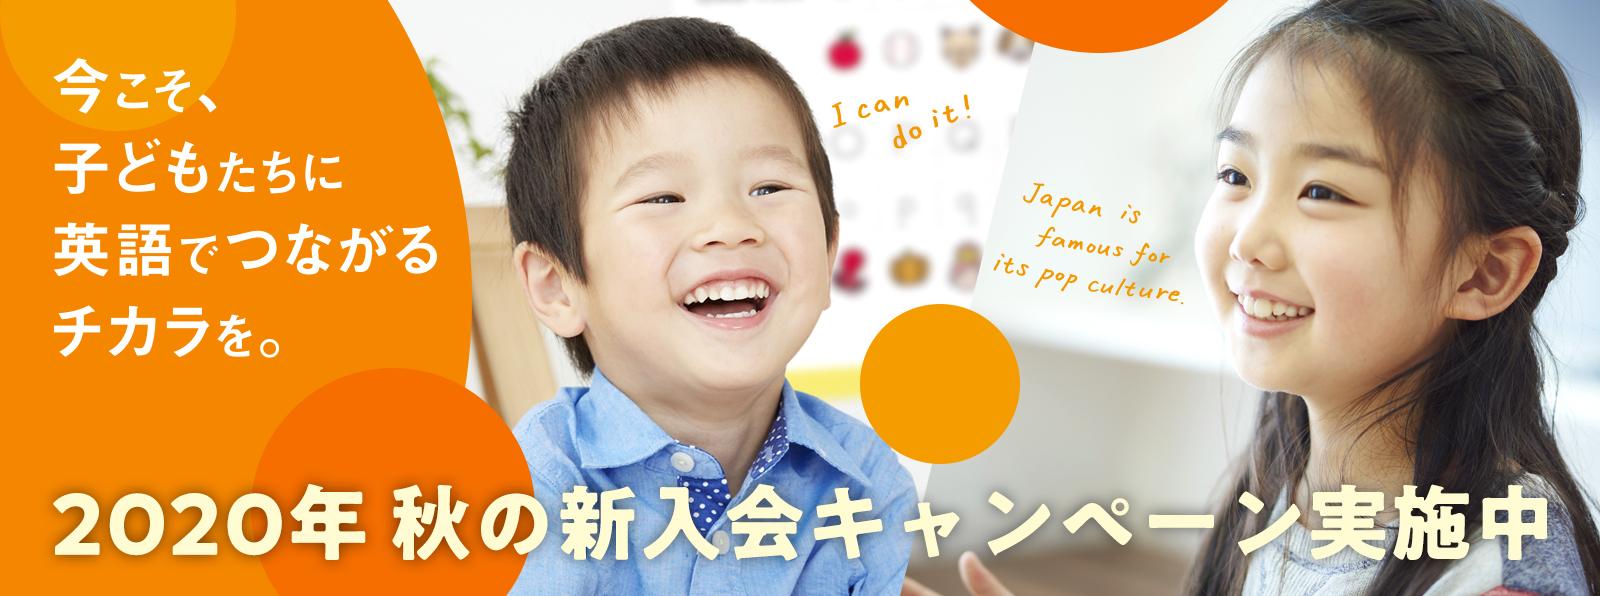 campaign_main_pc_aki